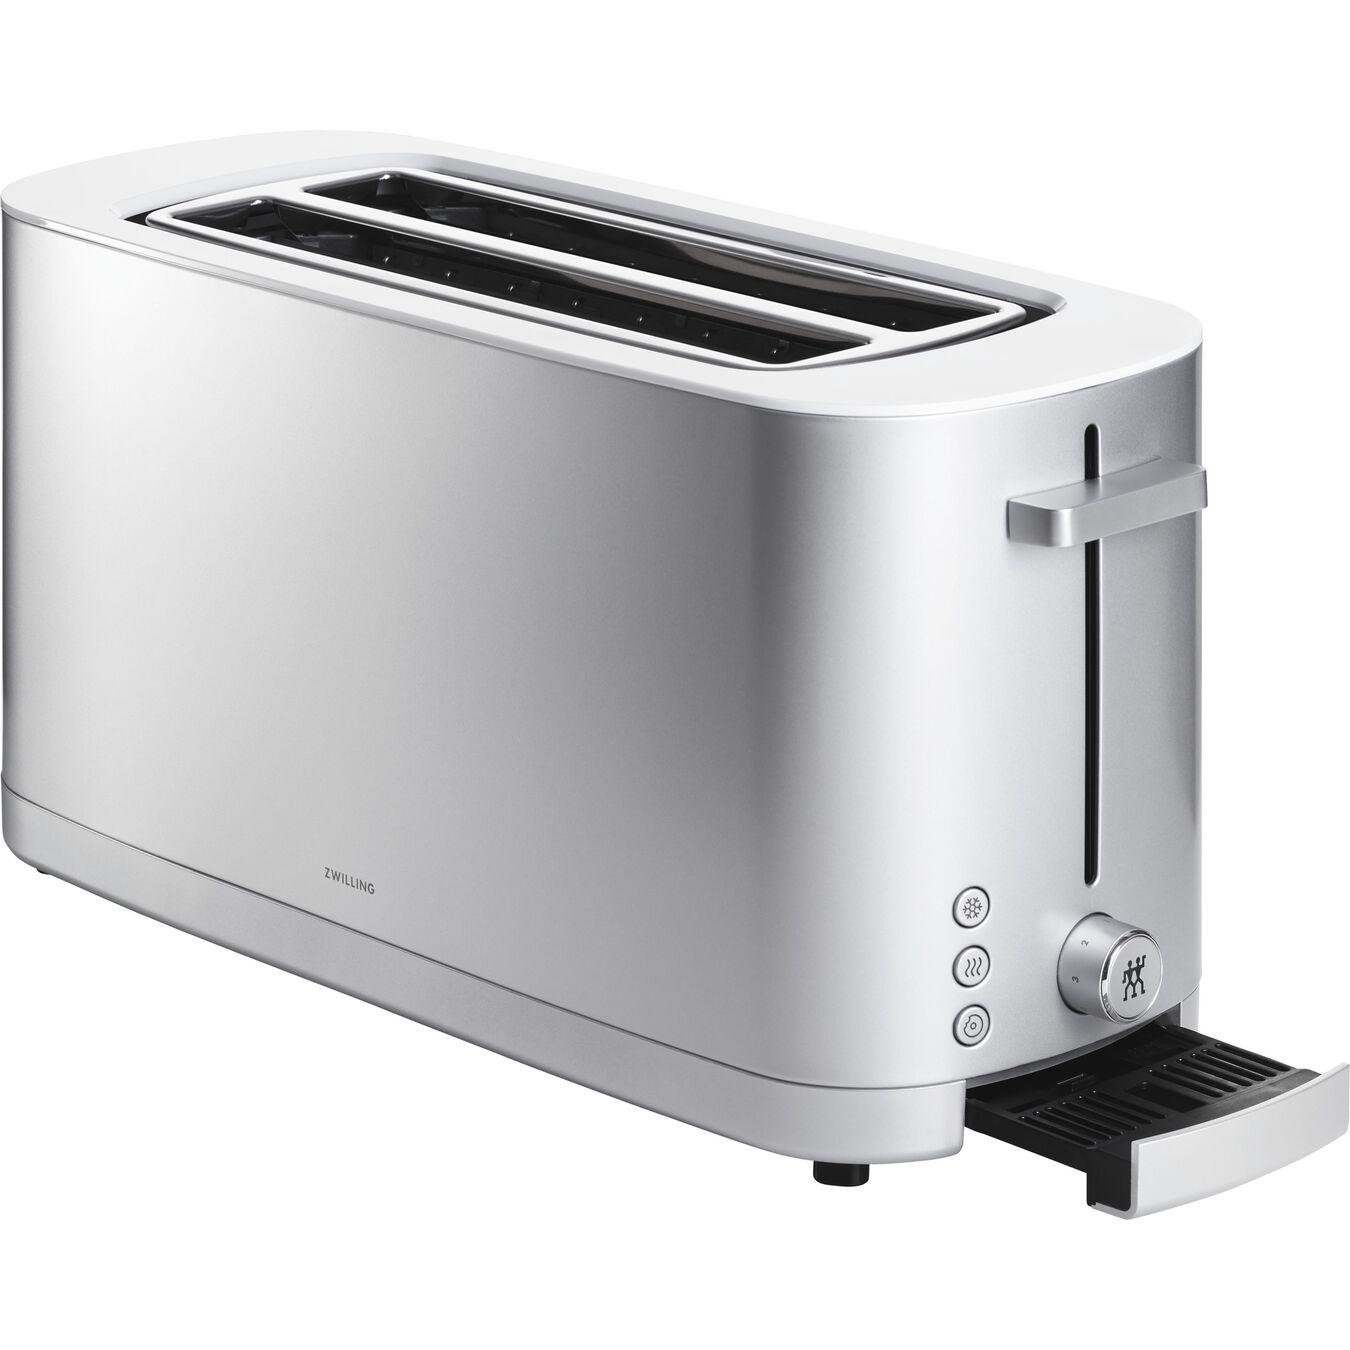 2 Long Slot Toaster,,large 3